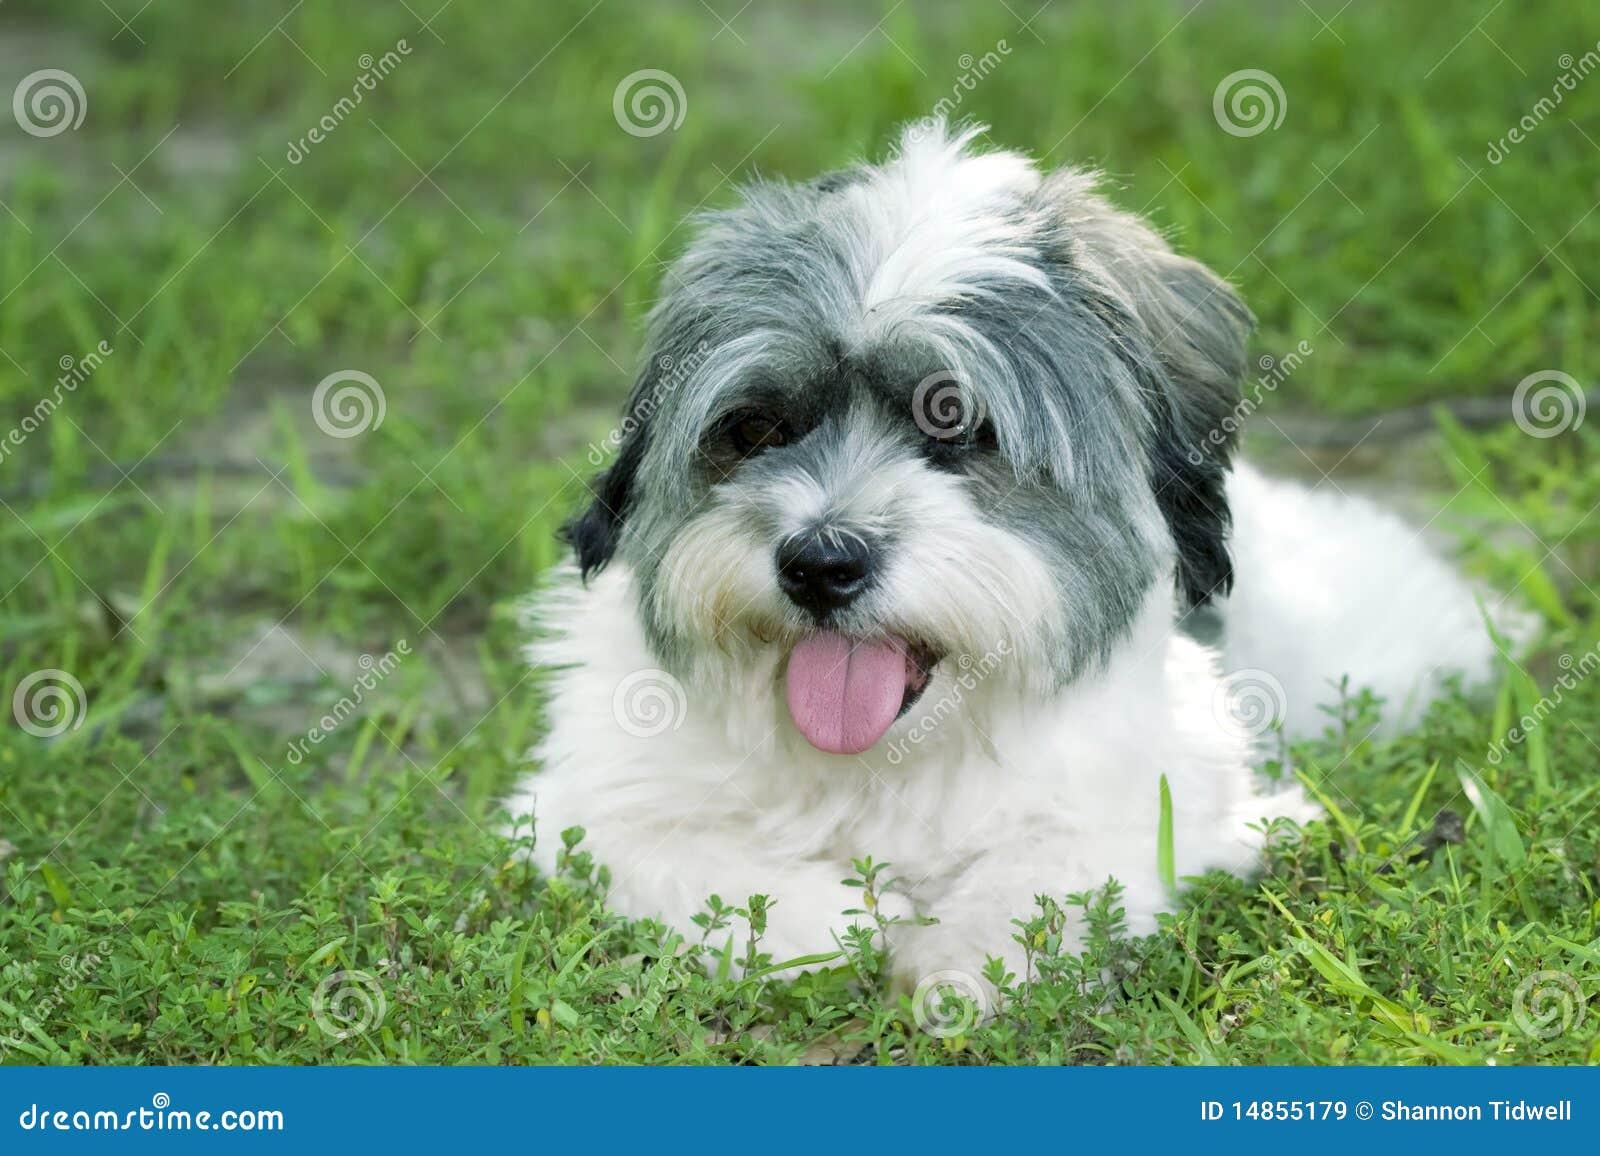 White dog layin in grass